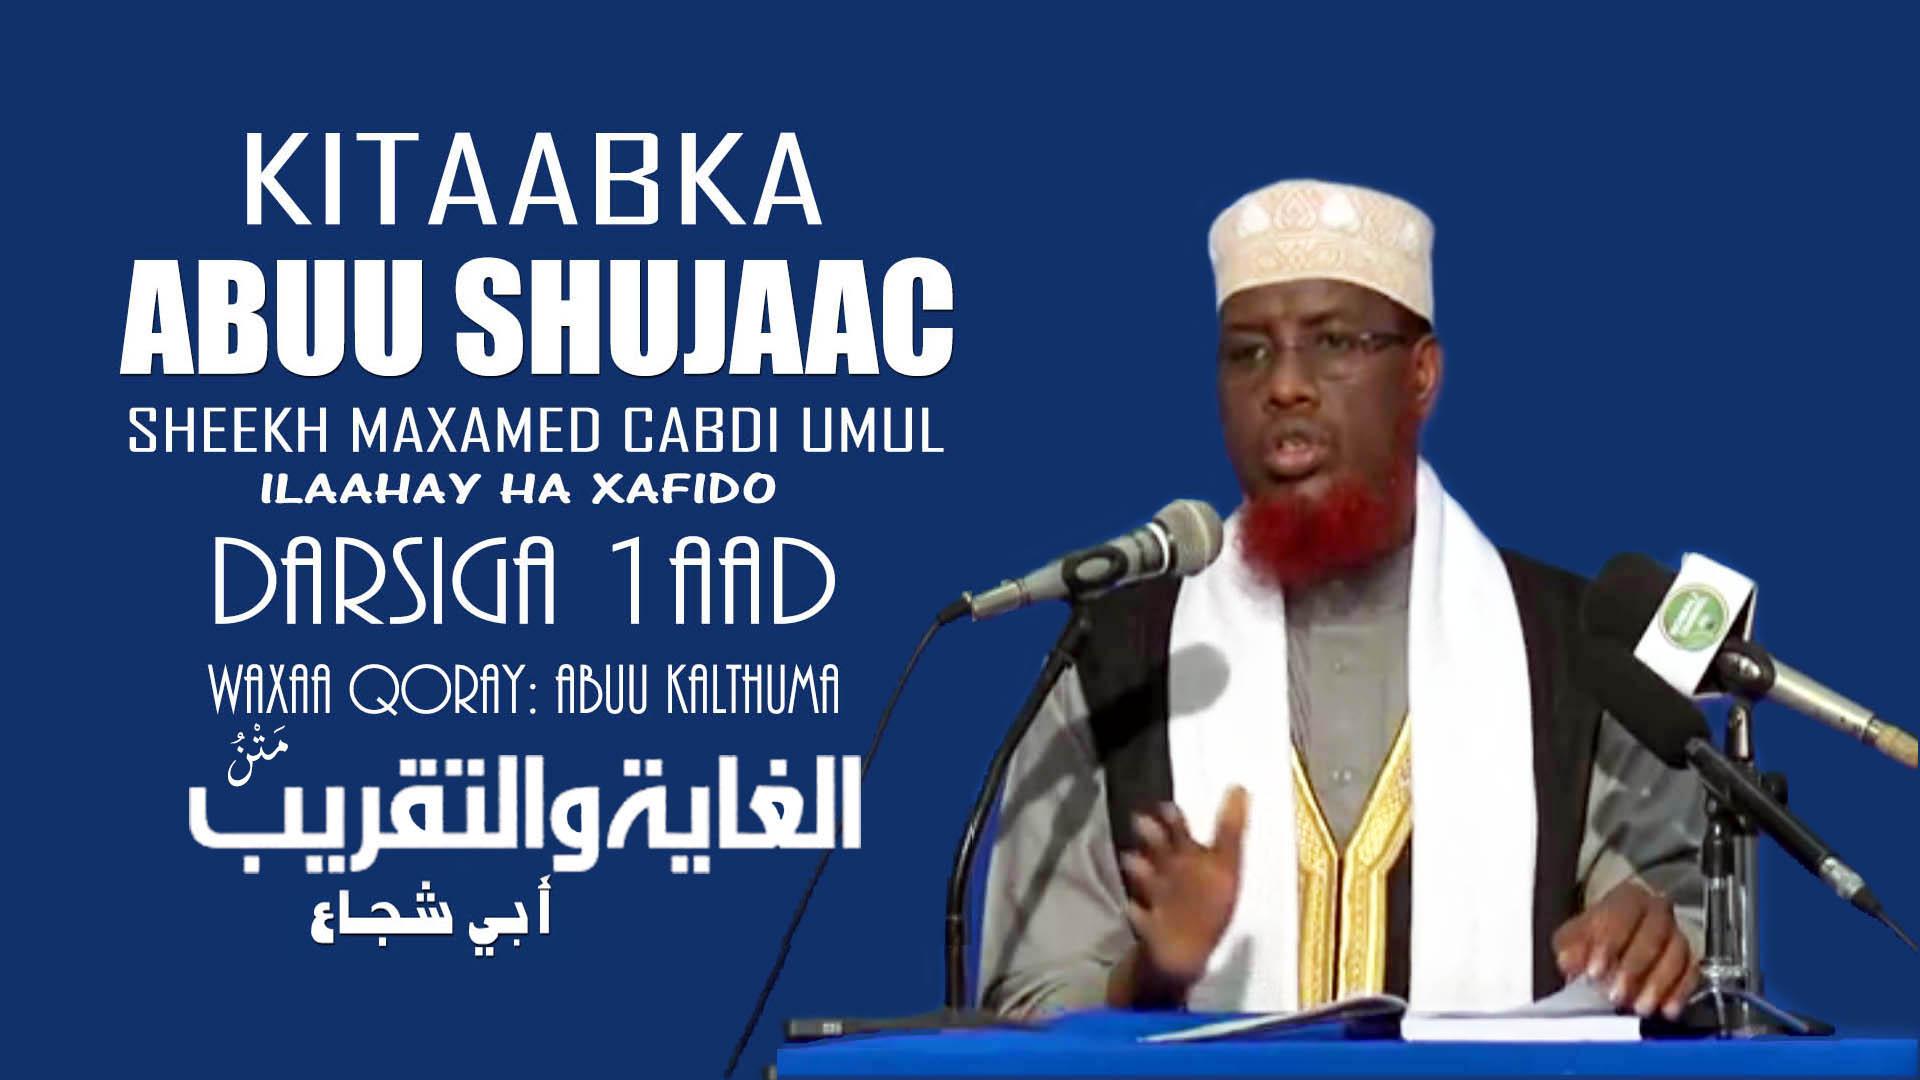 Kitaabka Abuu Shujaac – Qaybta 1aad